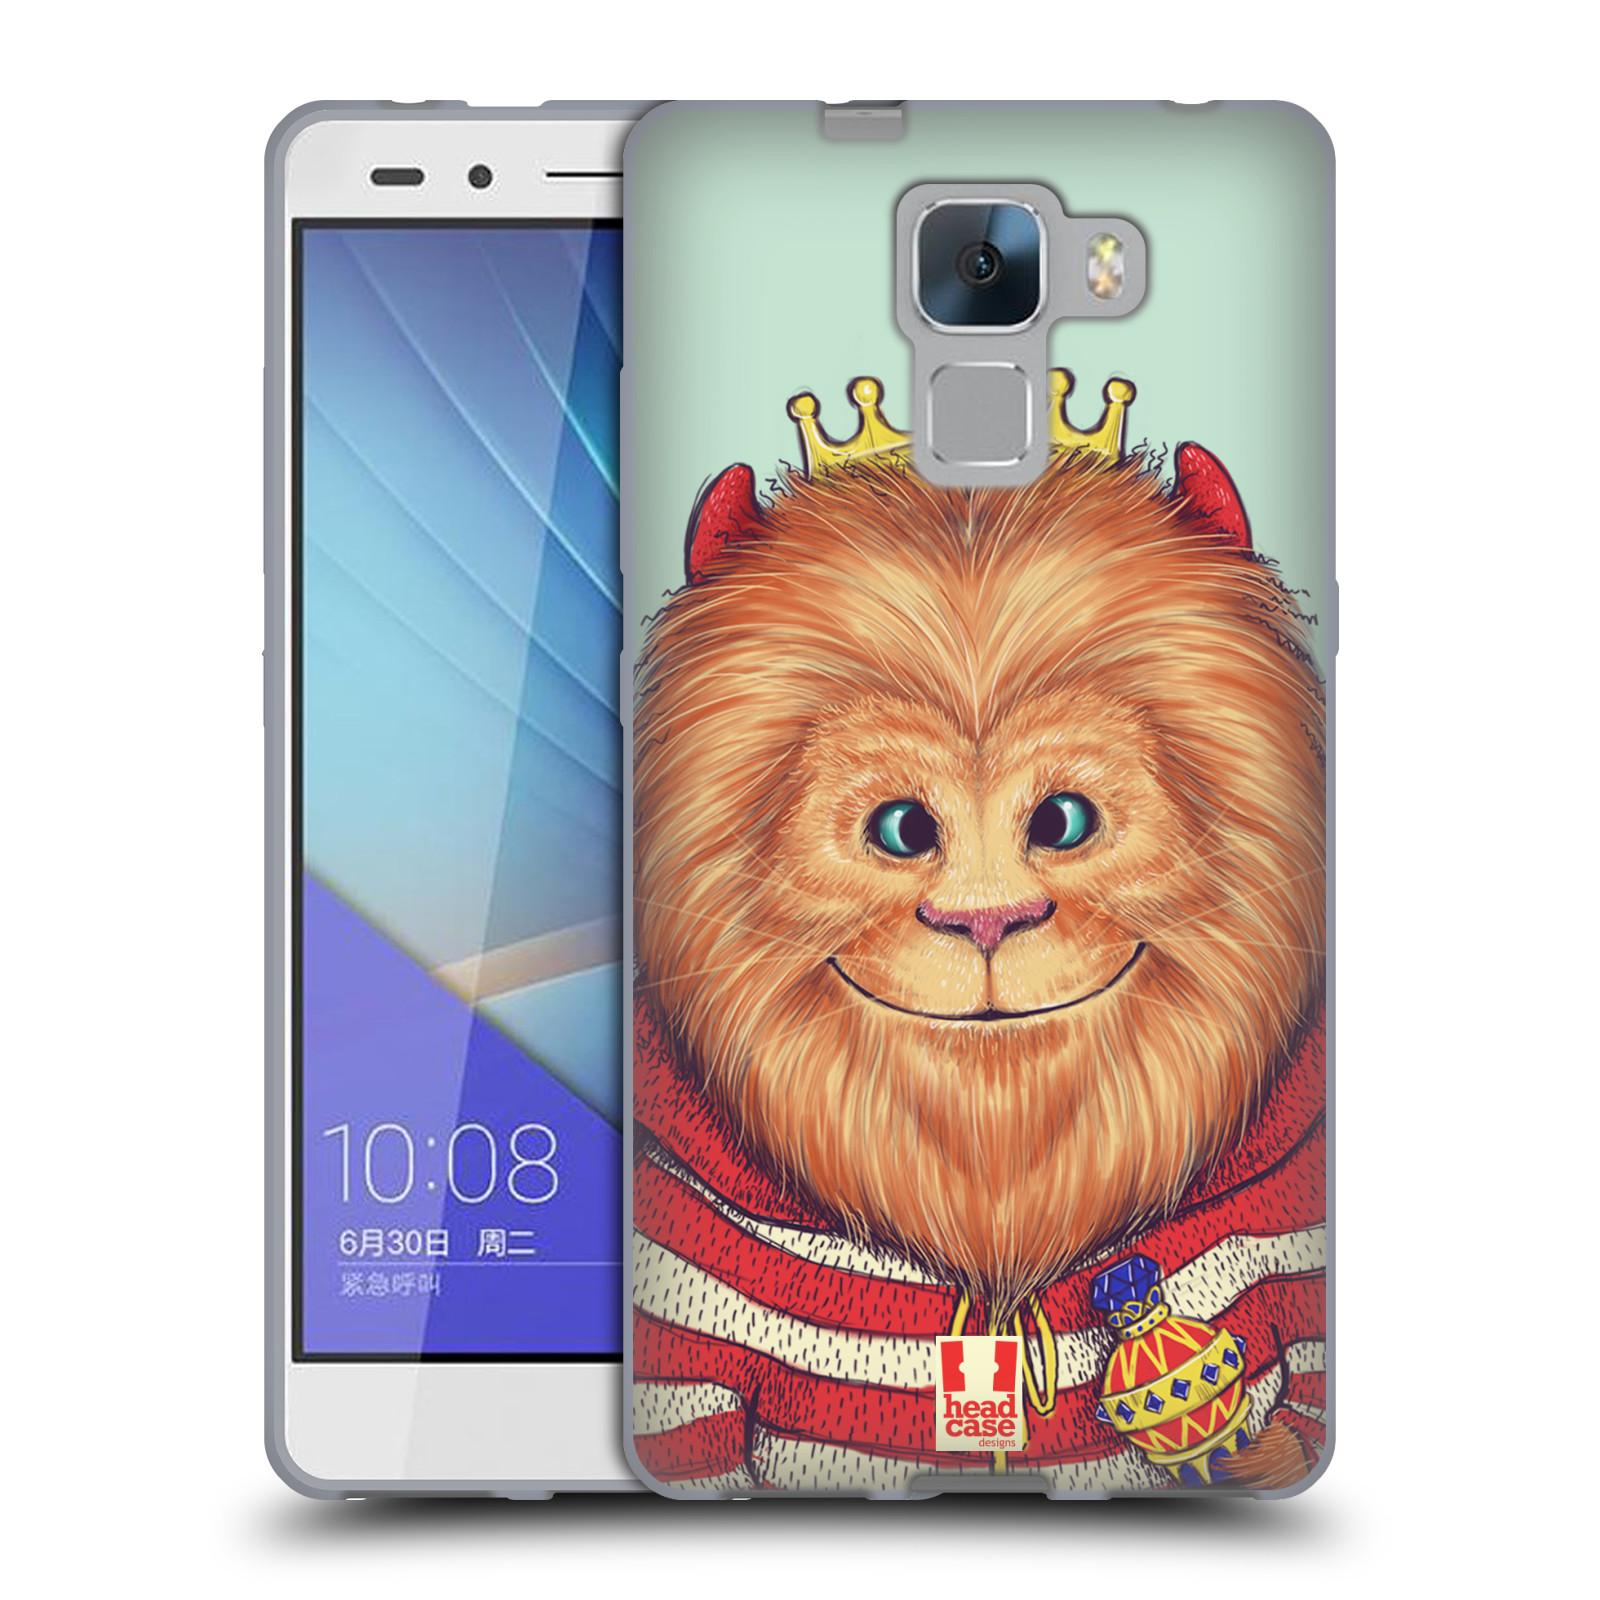 HEAD CASE silikonový obal na mobil HUAWEI HONOR 7 vzor Kreslená zvířátka lev